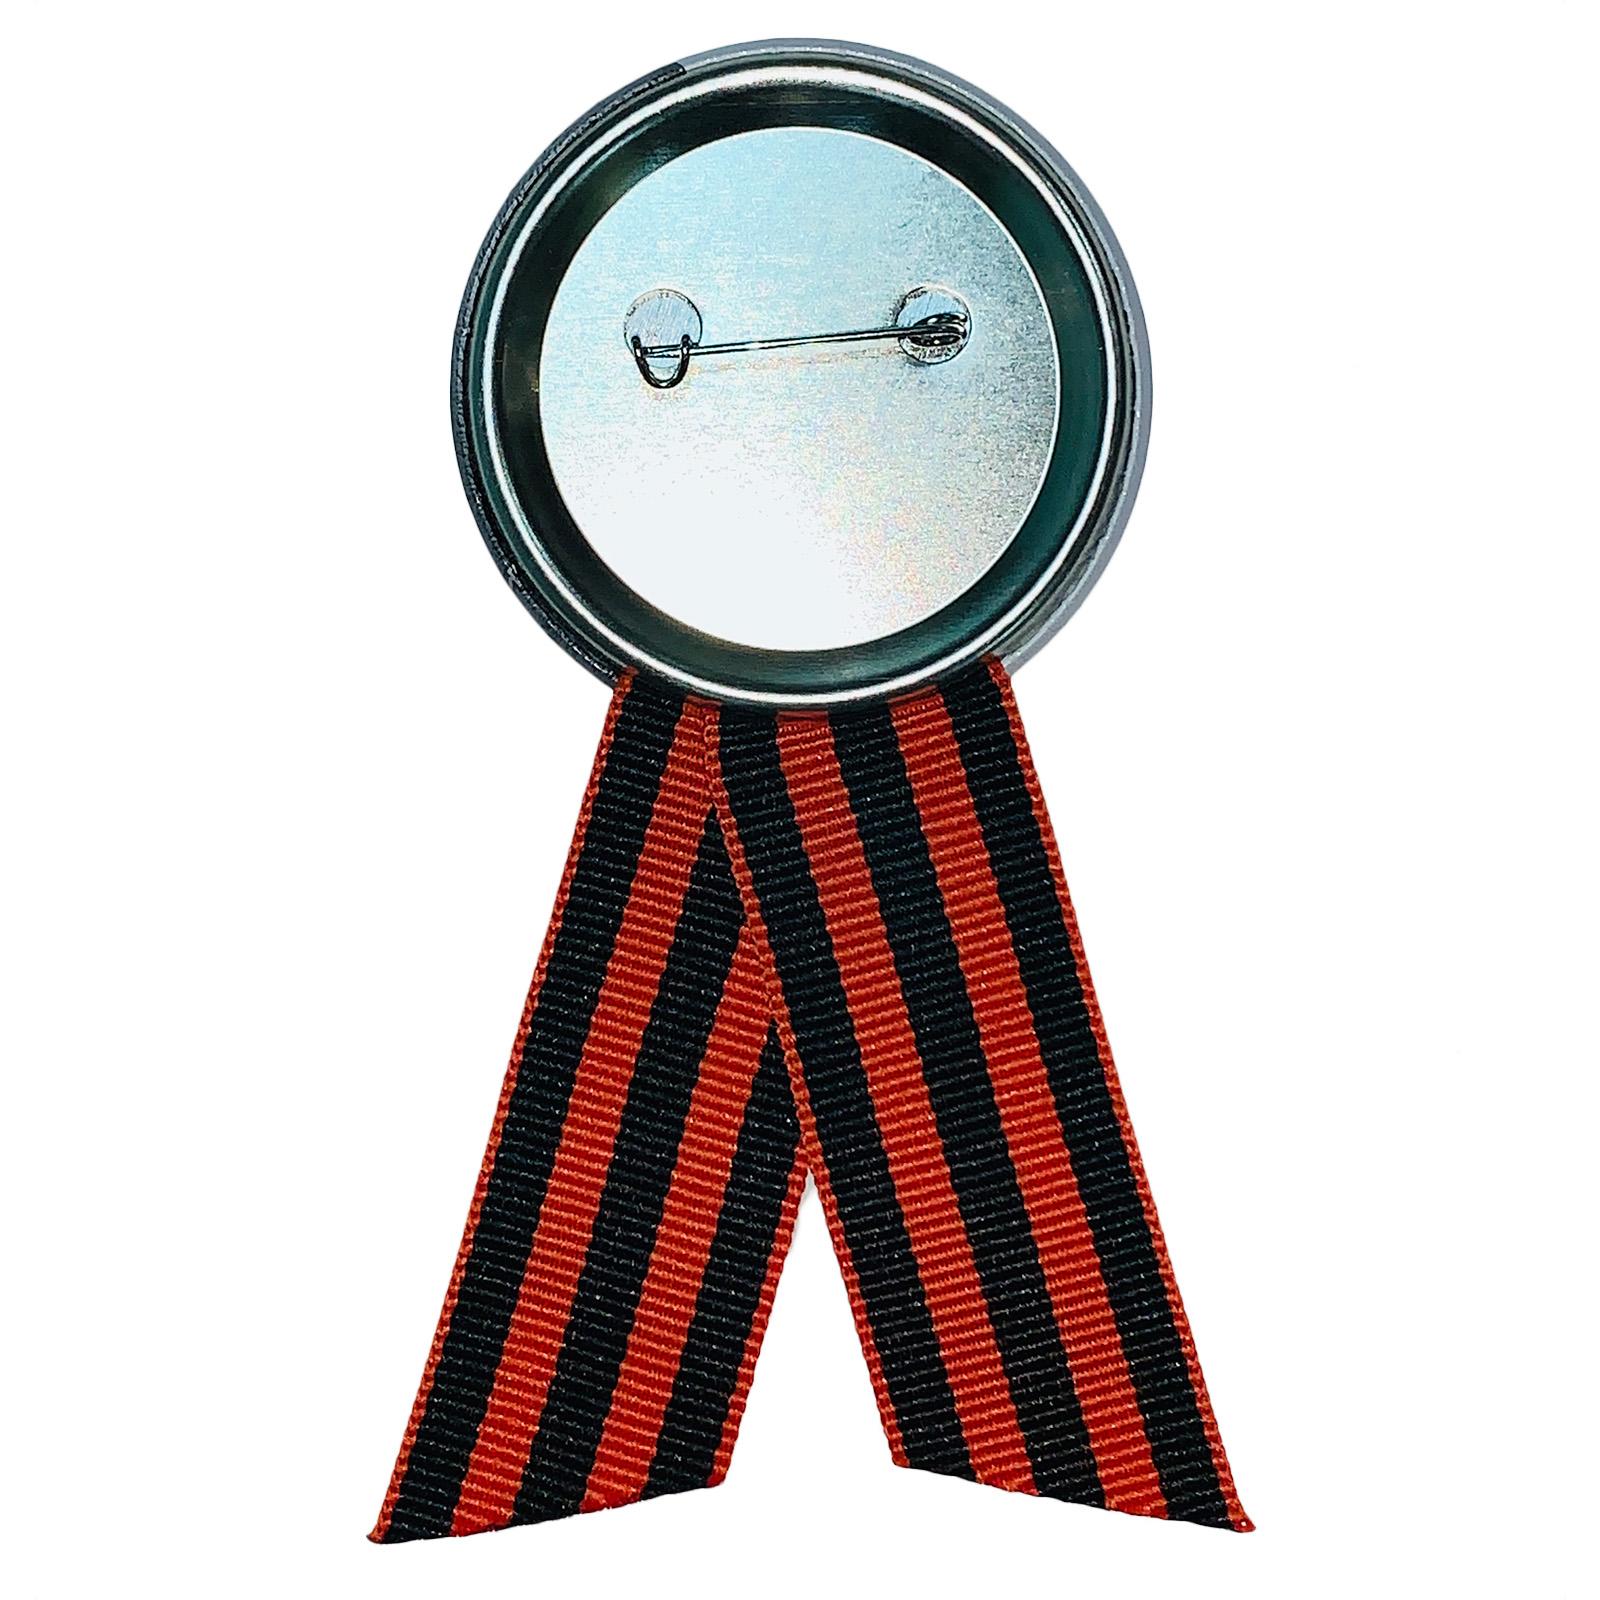 Юбилейный значок «75 лет Победе в Великой Отечественной войне» - крепление булавка